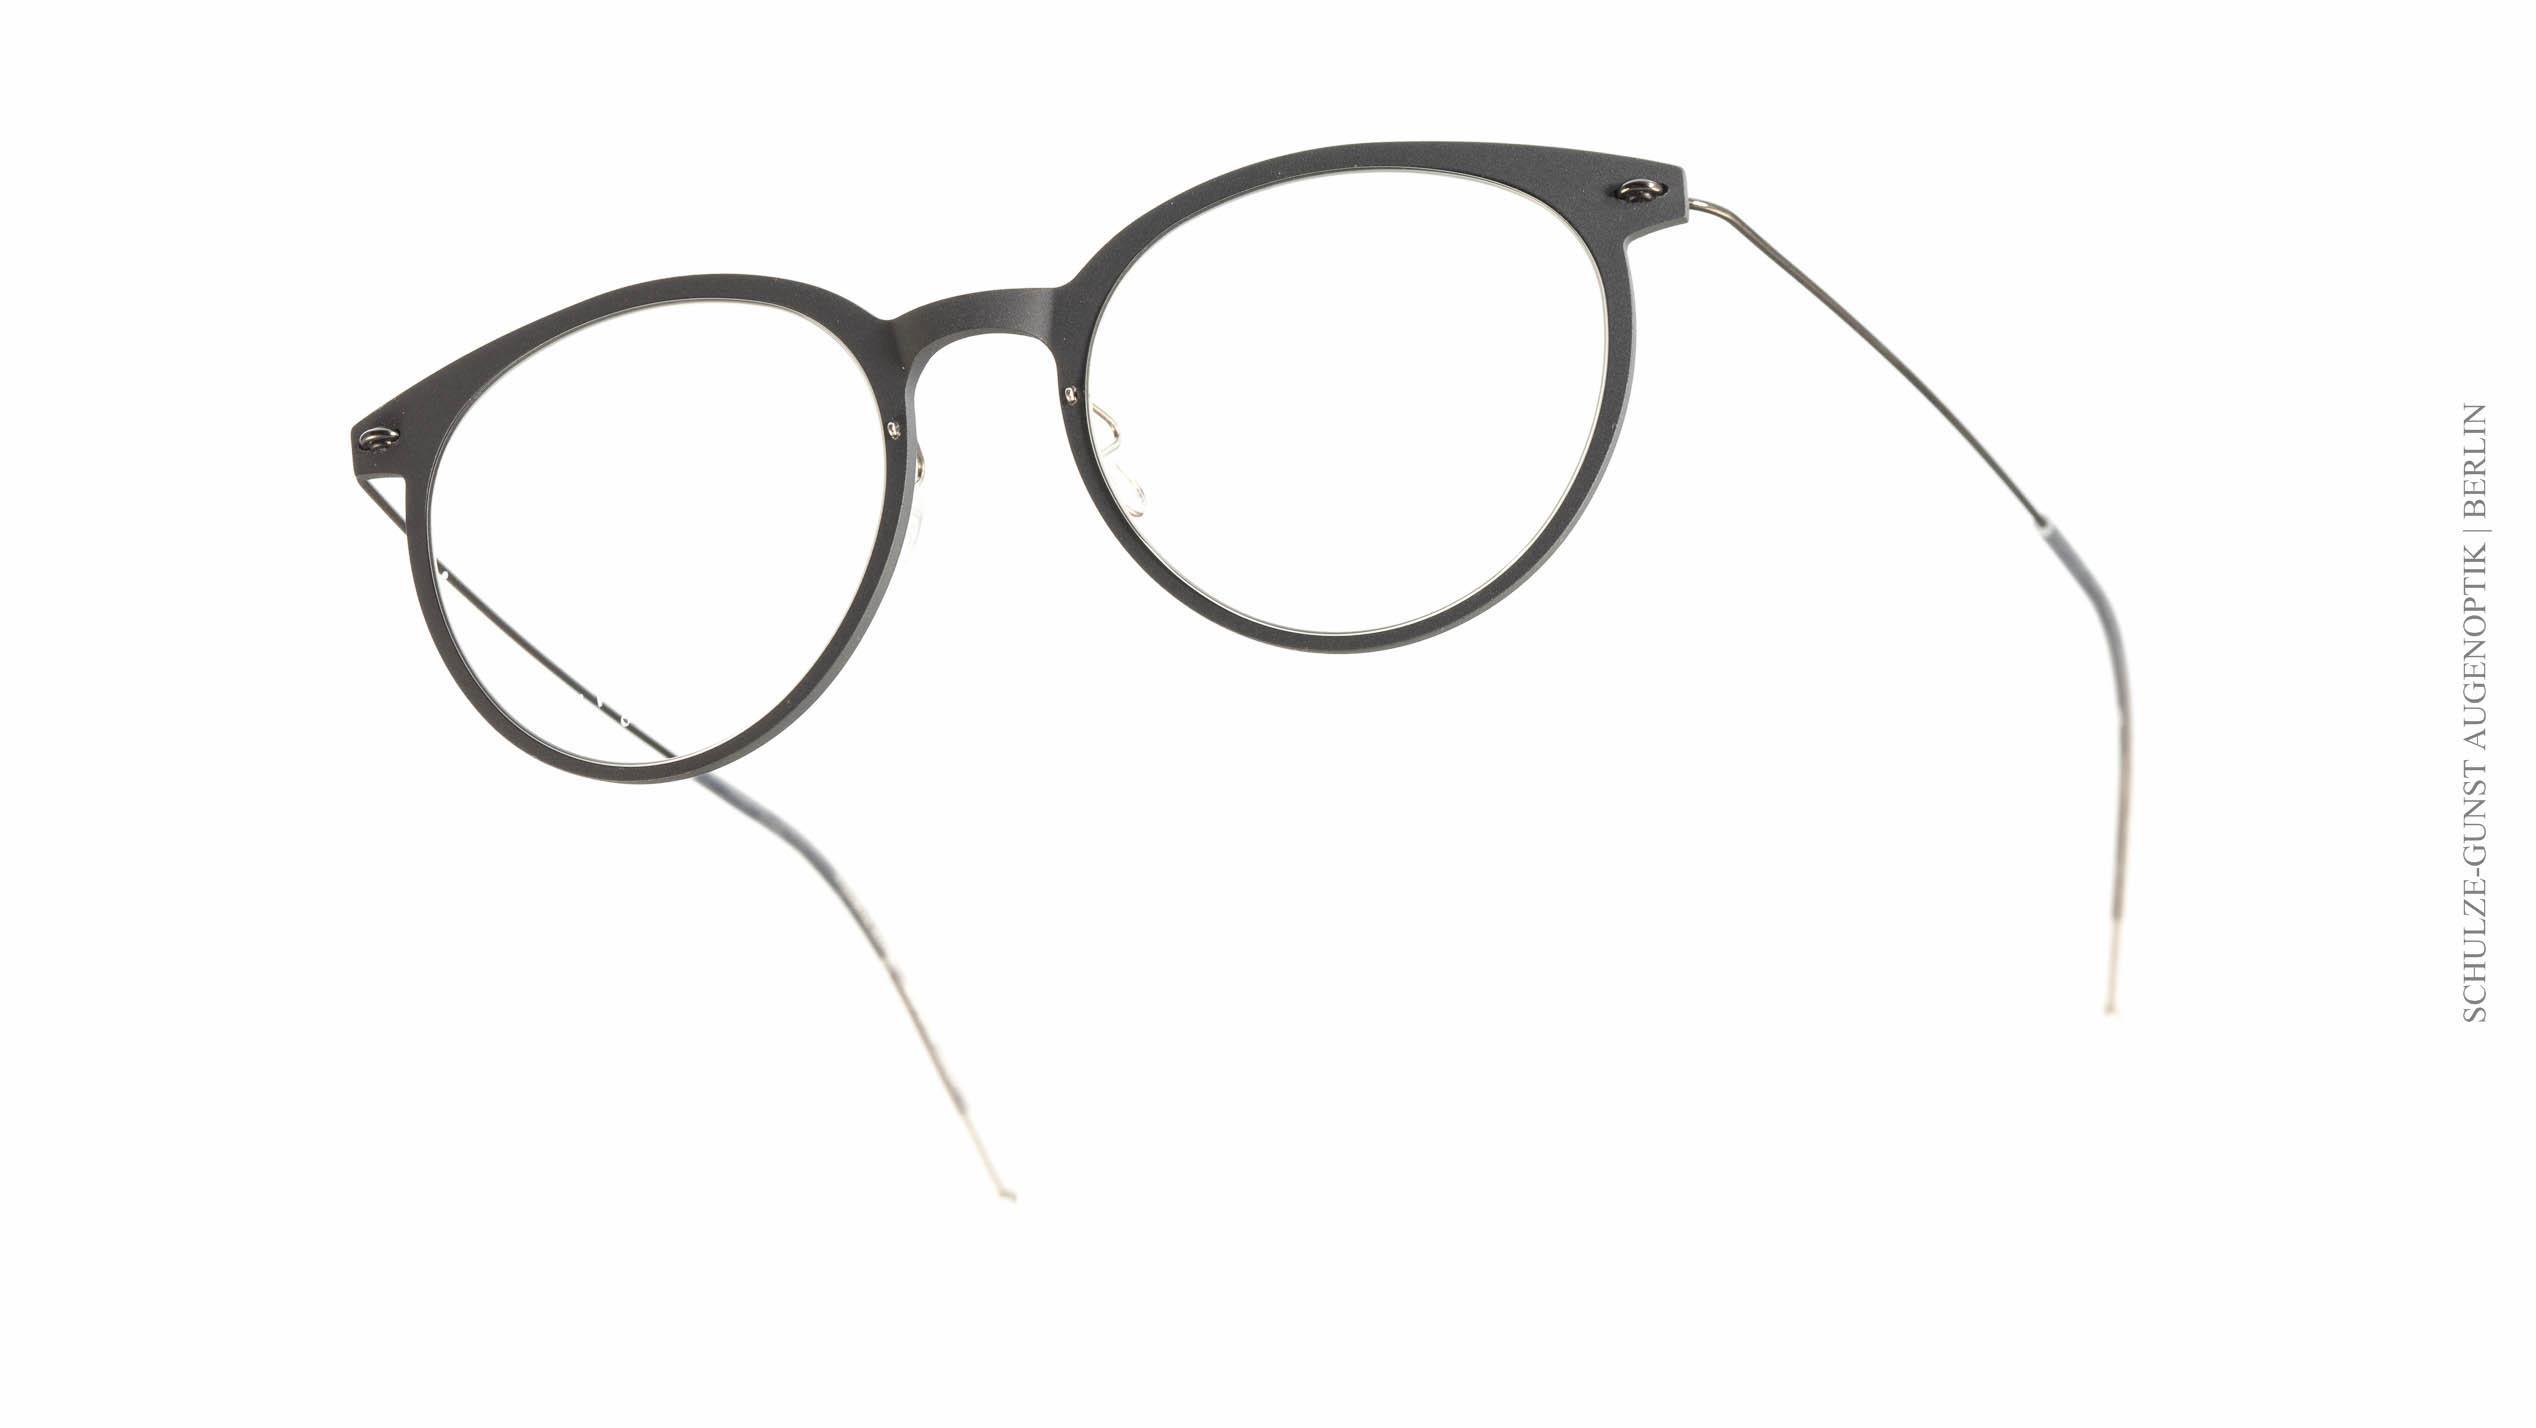 1005a94c31c lindberg-damenbrille Archive - SCHULZE-GUNST Augenoptik seit 1894